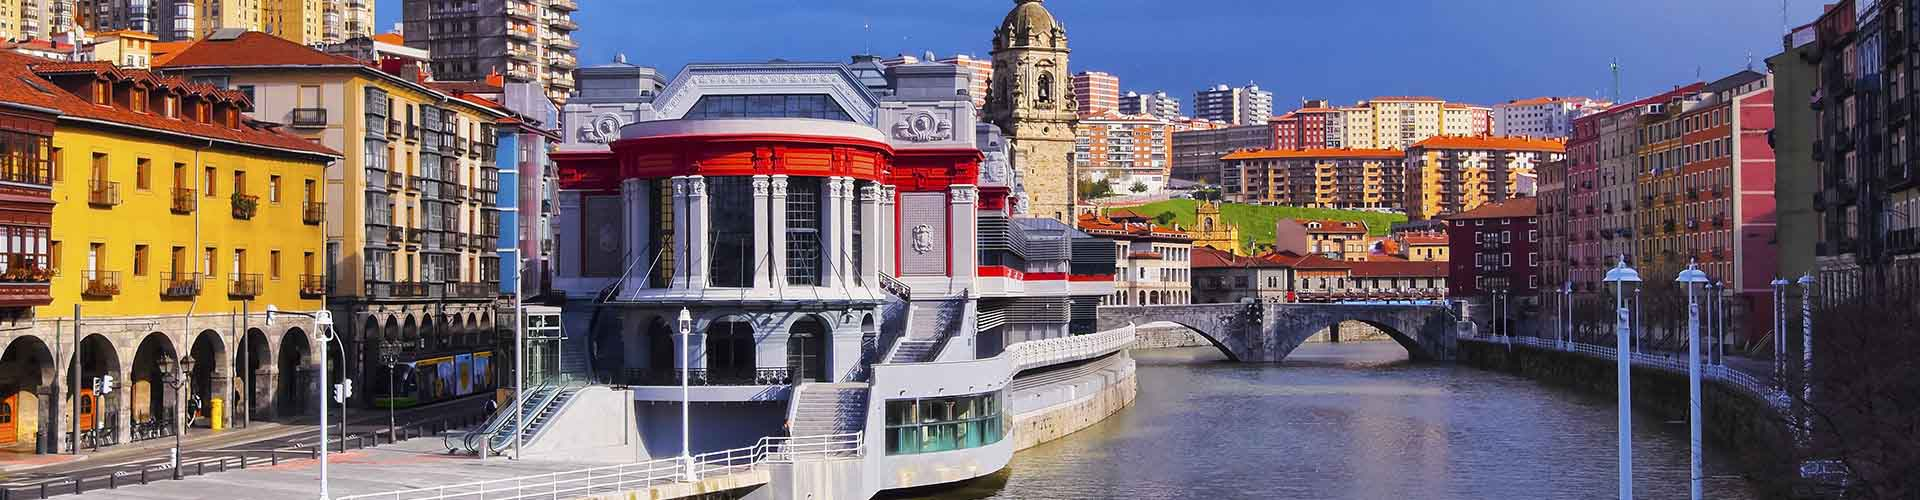 Bilbao - Appartements dans le quartier de Abando. Cartes pour Bilbao, photos et commentaires pour chaque appartement à Bilbao.